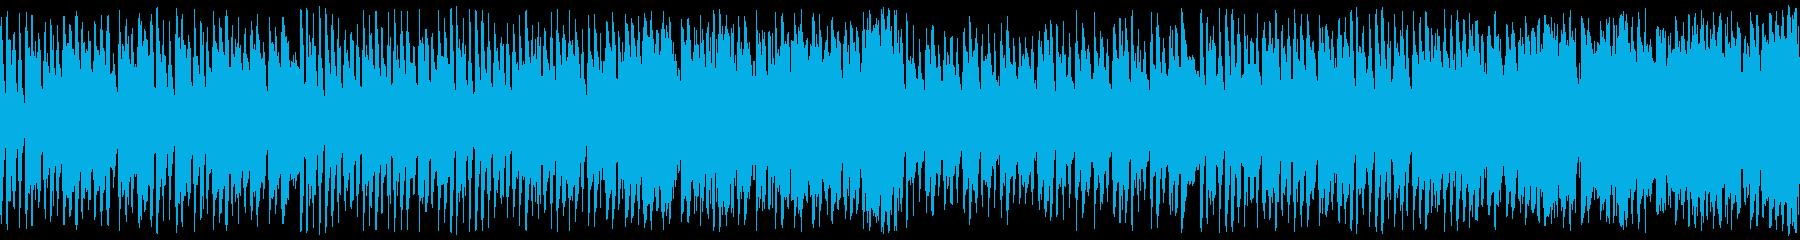 ハロウィン向けポップなホラーループ曲の再生済みの波形